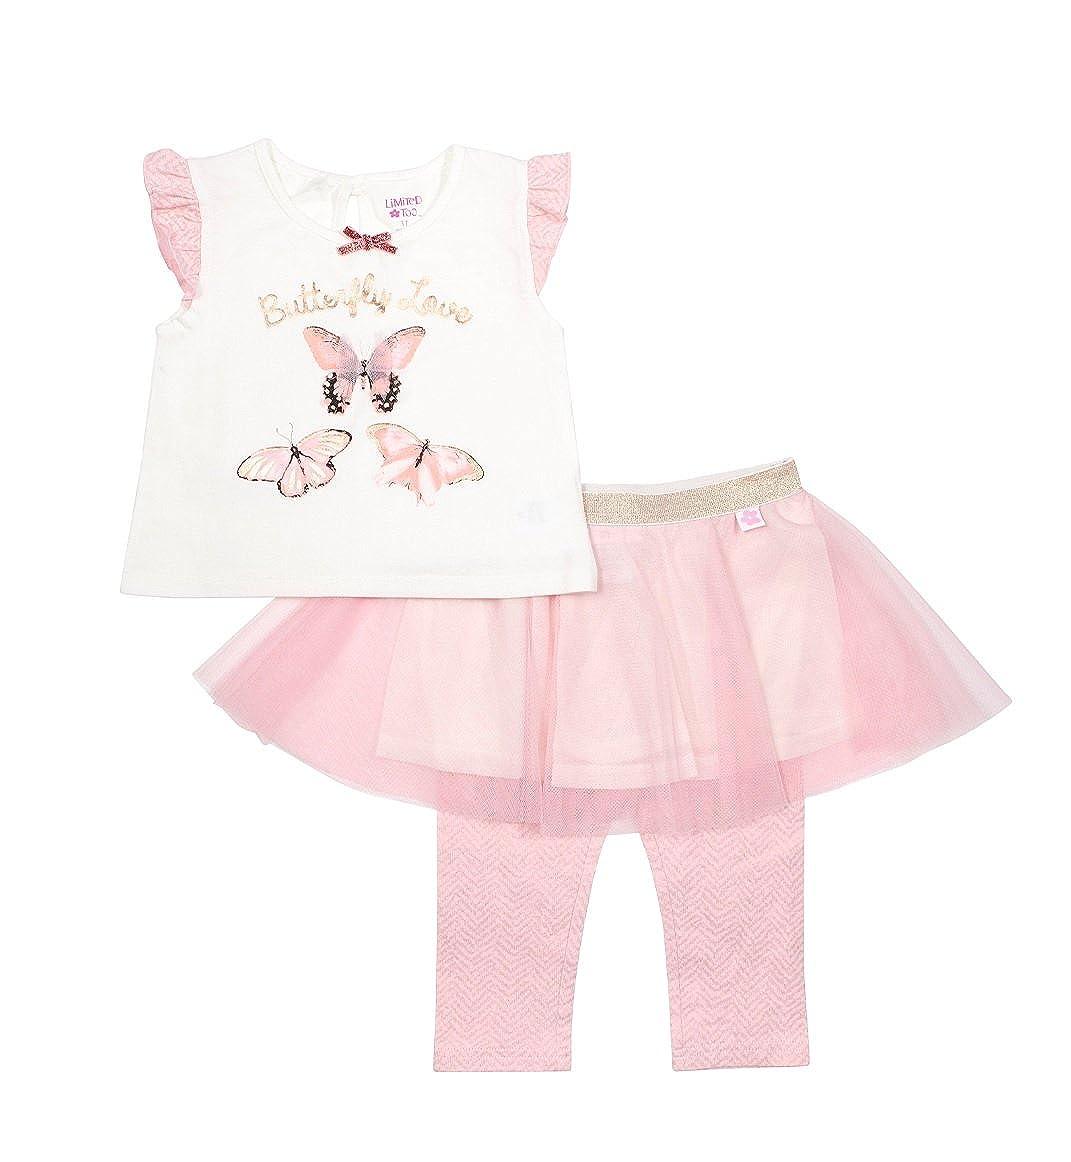 期間限定特別価格 Limited Love Too PANTS PANTS ベビーガールズ 4T White/Pink Butterfly Butterfly Love B072PRV7Y2, 電子タバコのはちみつ通り:3bd7b70f --- a0267596.xsph.ru